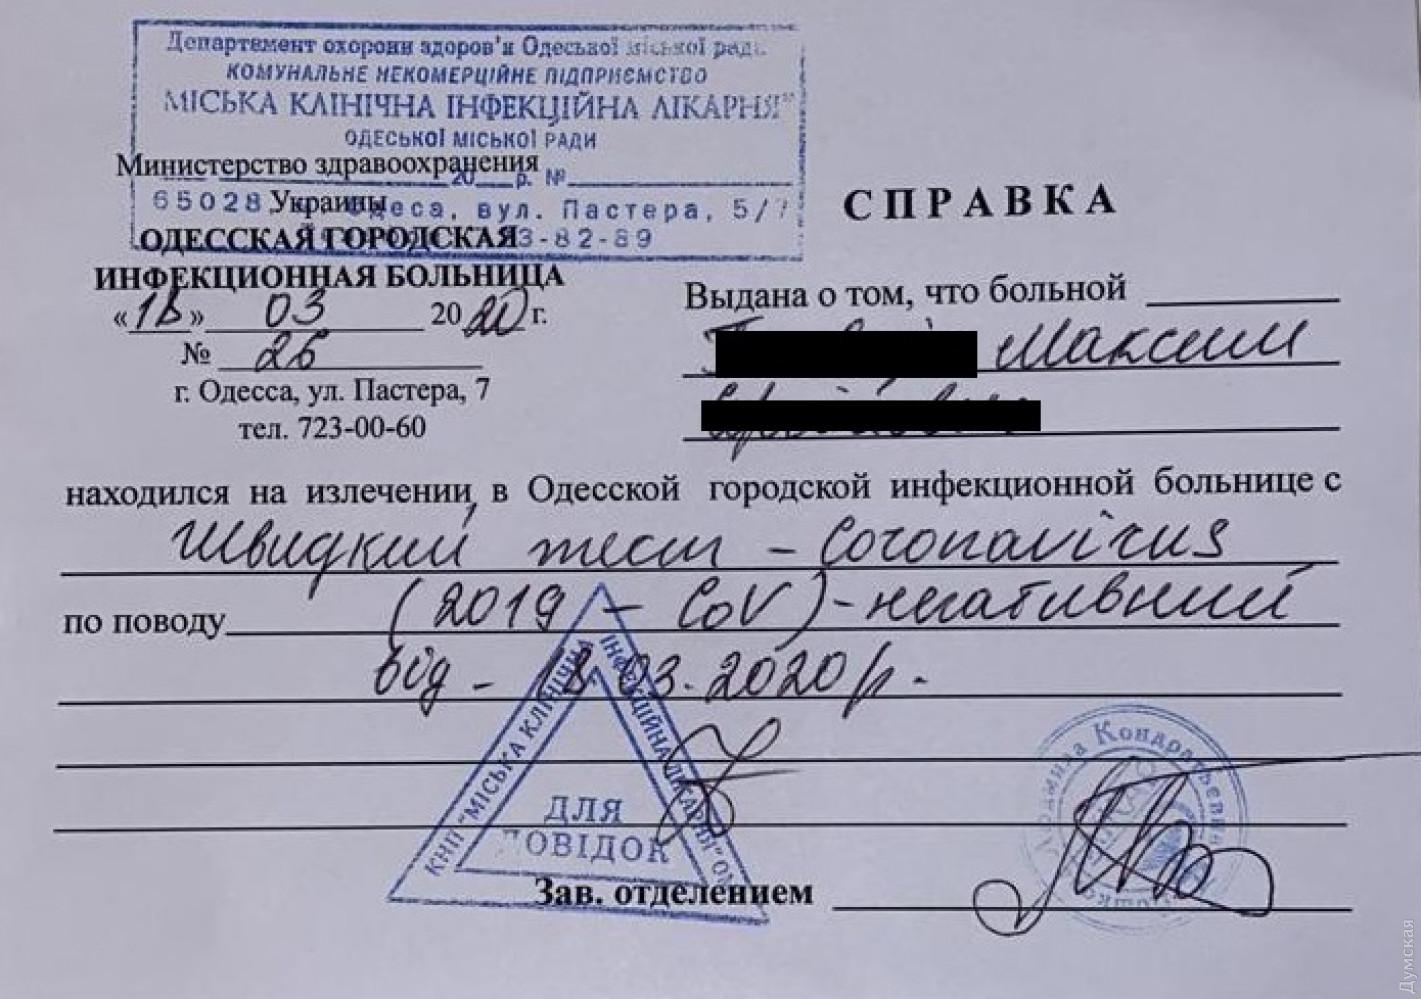 Самовольно покинул больницу: одессит с коронавирусом объяснил свой поступок